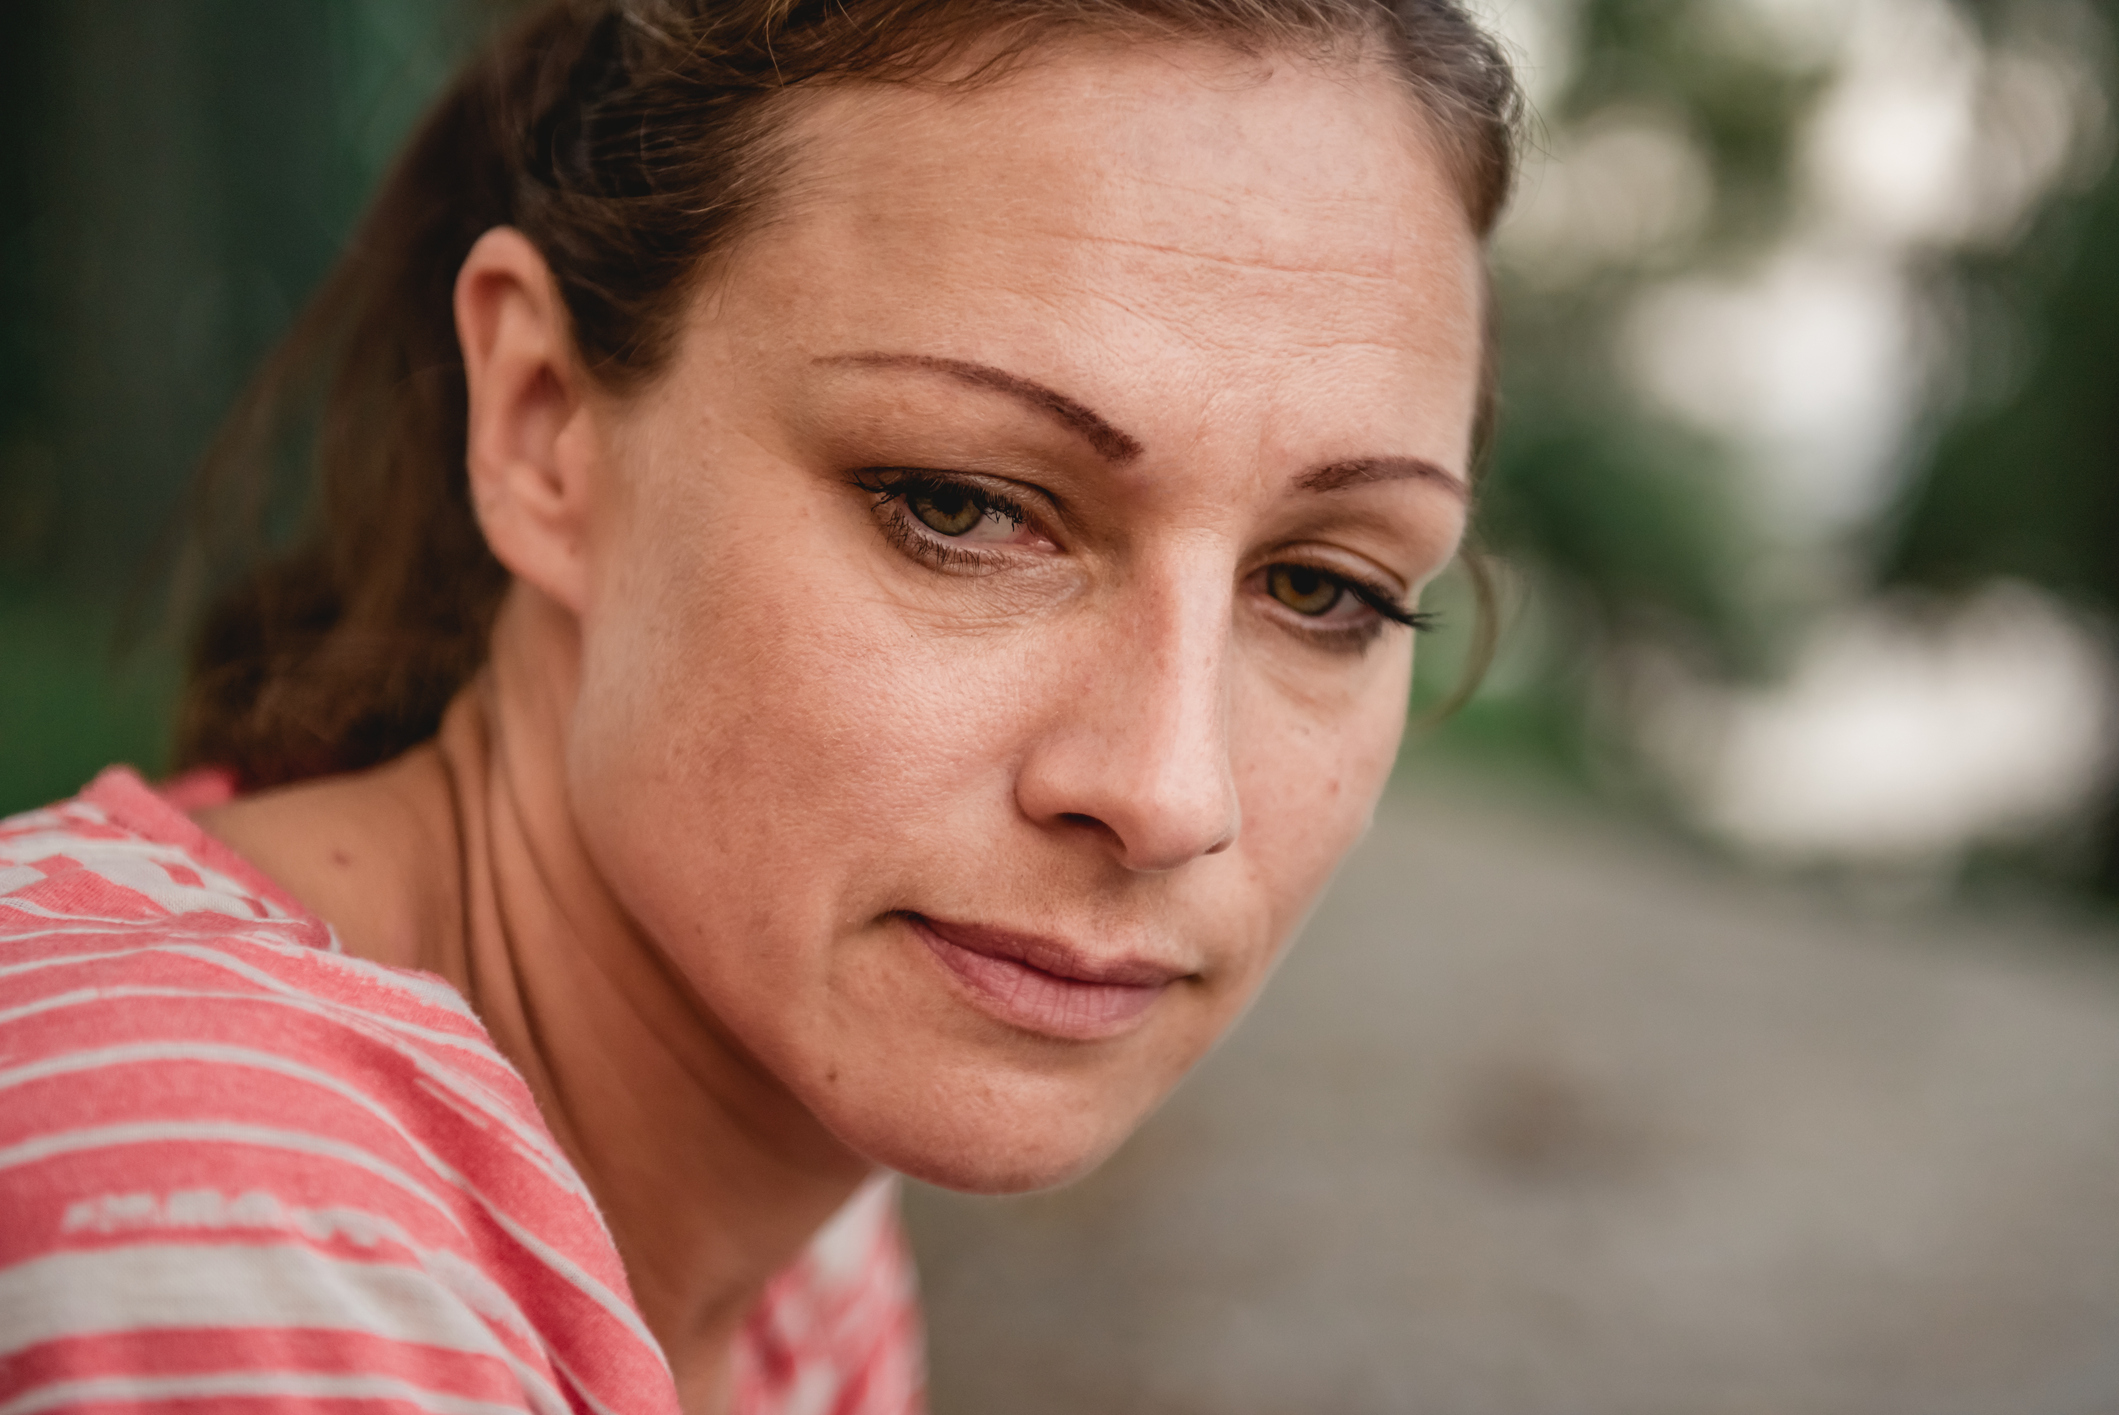 O divórcio faz envelhecer, revela pesquisa3 min read